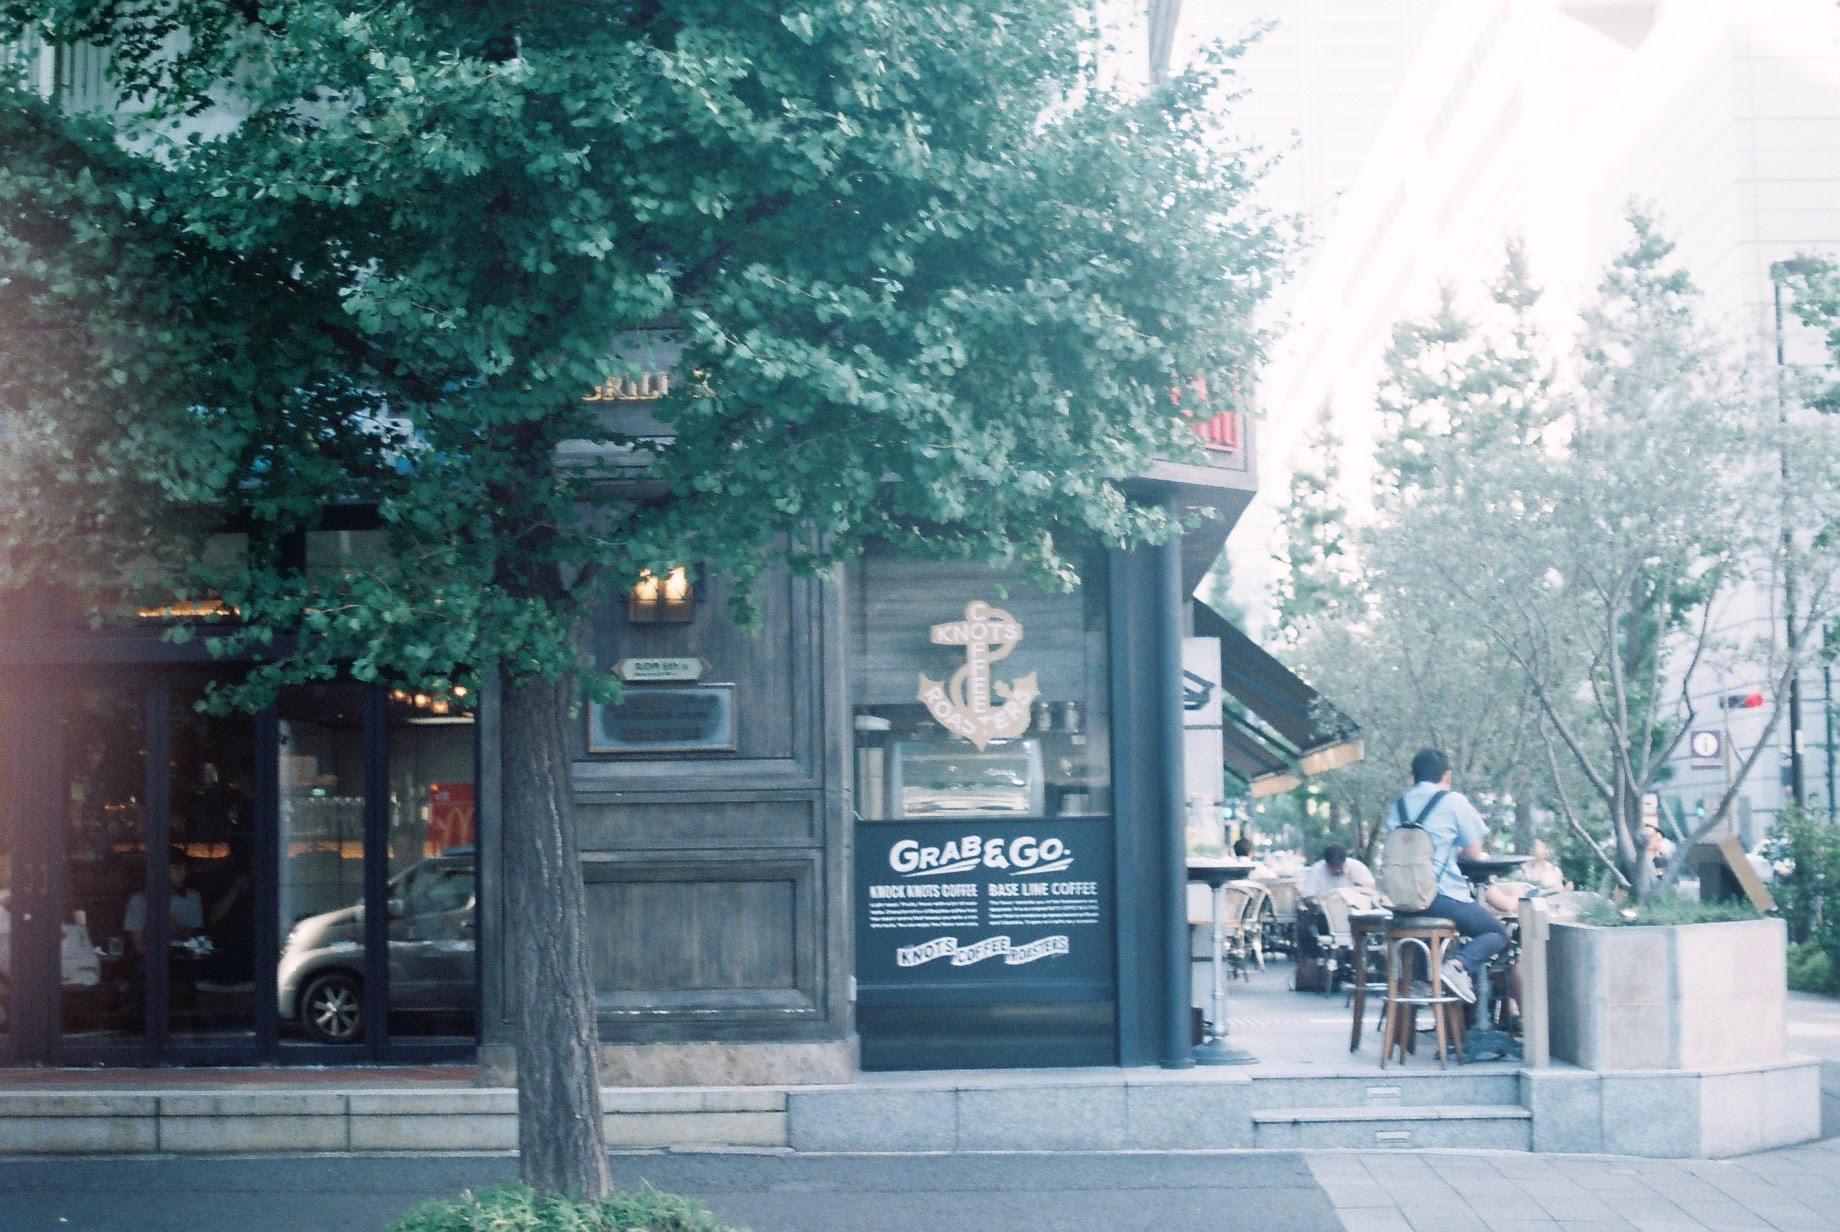 有楽町駅前。行き交う人を眺めながら昼下がりにコーヒーブレイク。Tokyo coffee guide 2020   Entry No.20 KNOTS COFFEE ROASTERS